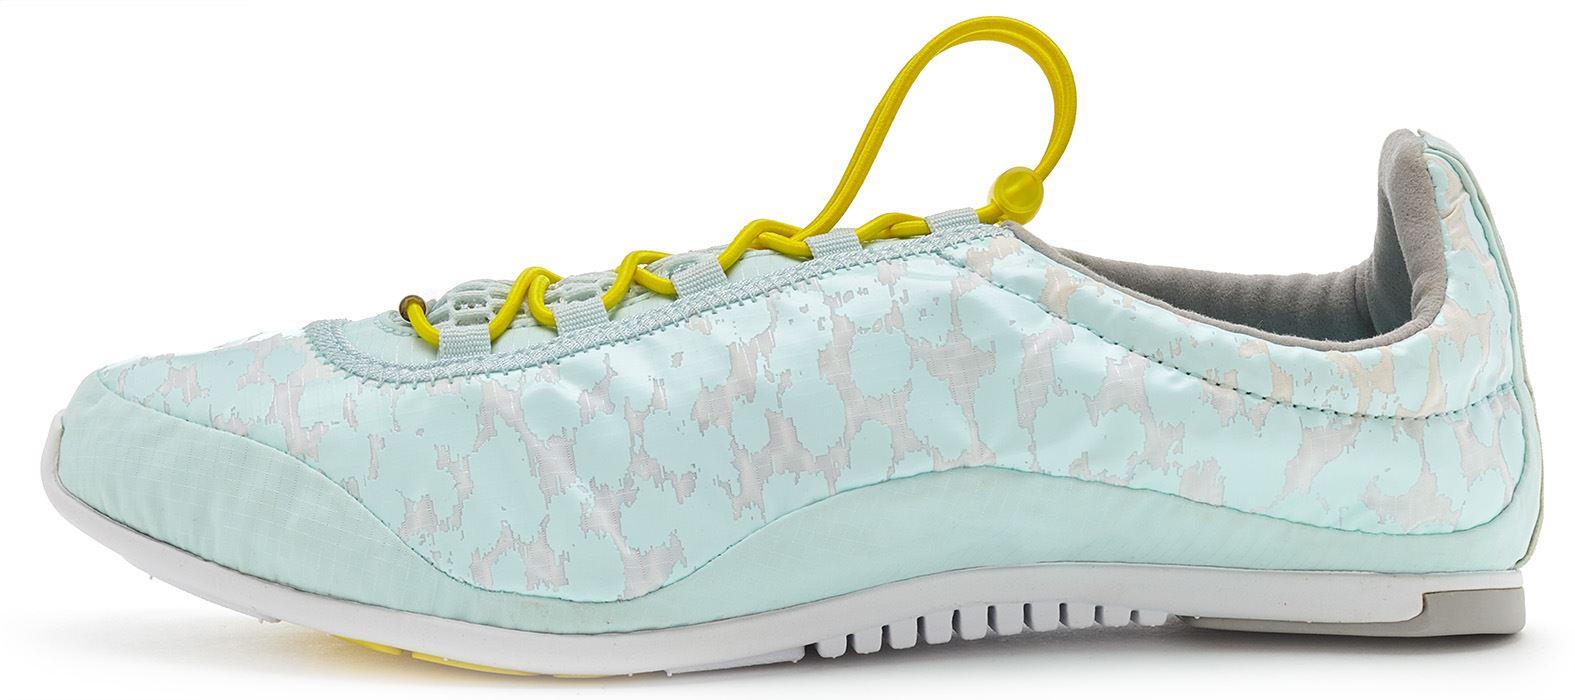 online retailer f1b44 3164d Istruttori di donne di Adidas Tucana Packaway in blu D66475  UK 5.5 EU 38  2 3